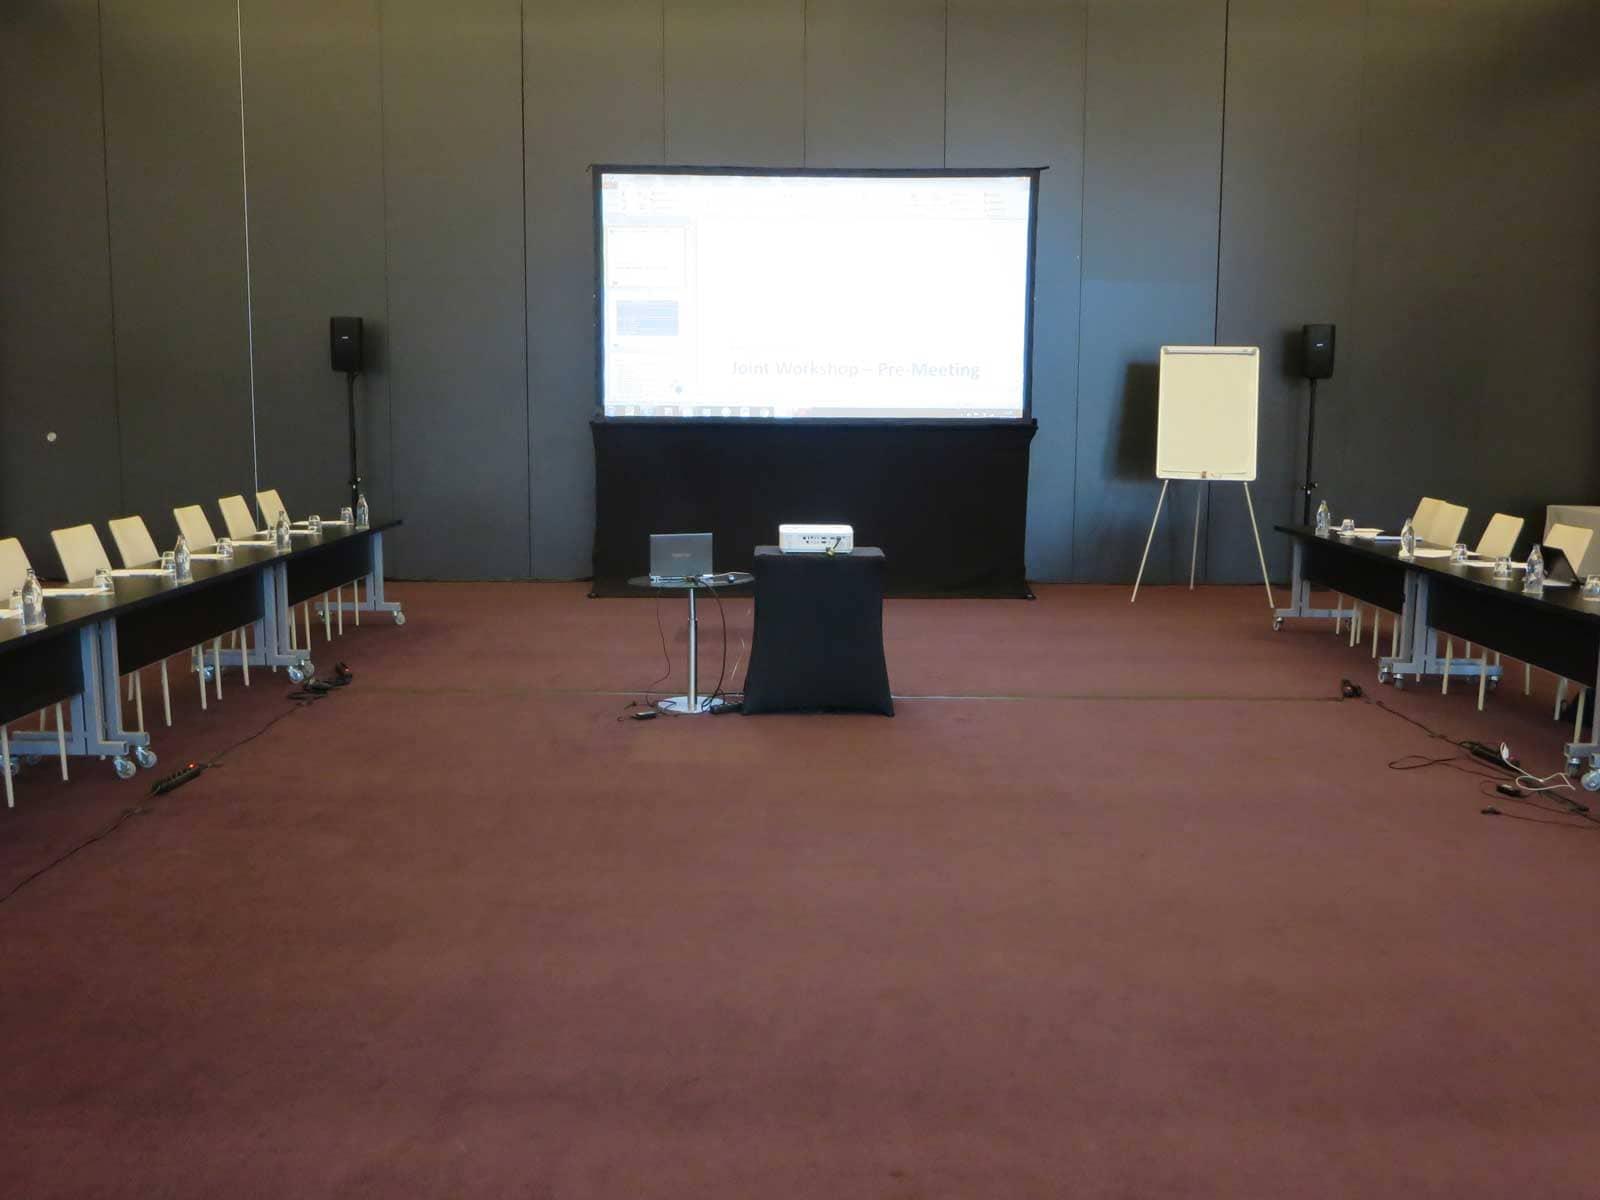 Eventos esdeveniments - pantallas y proyectores - pantalles y projectors